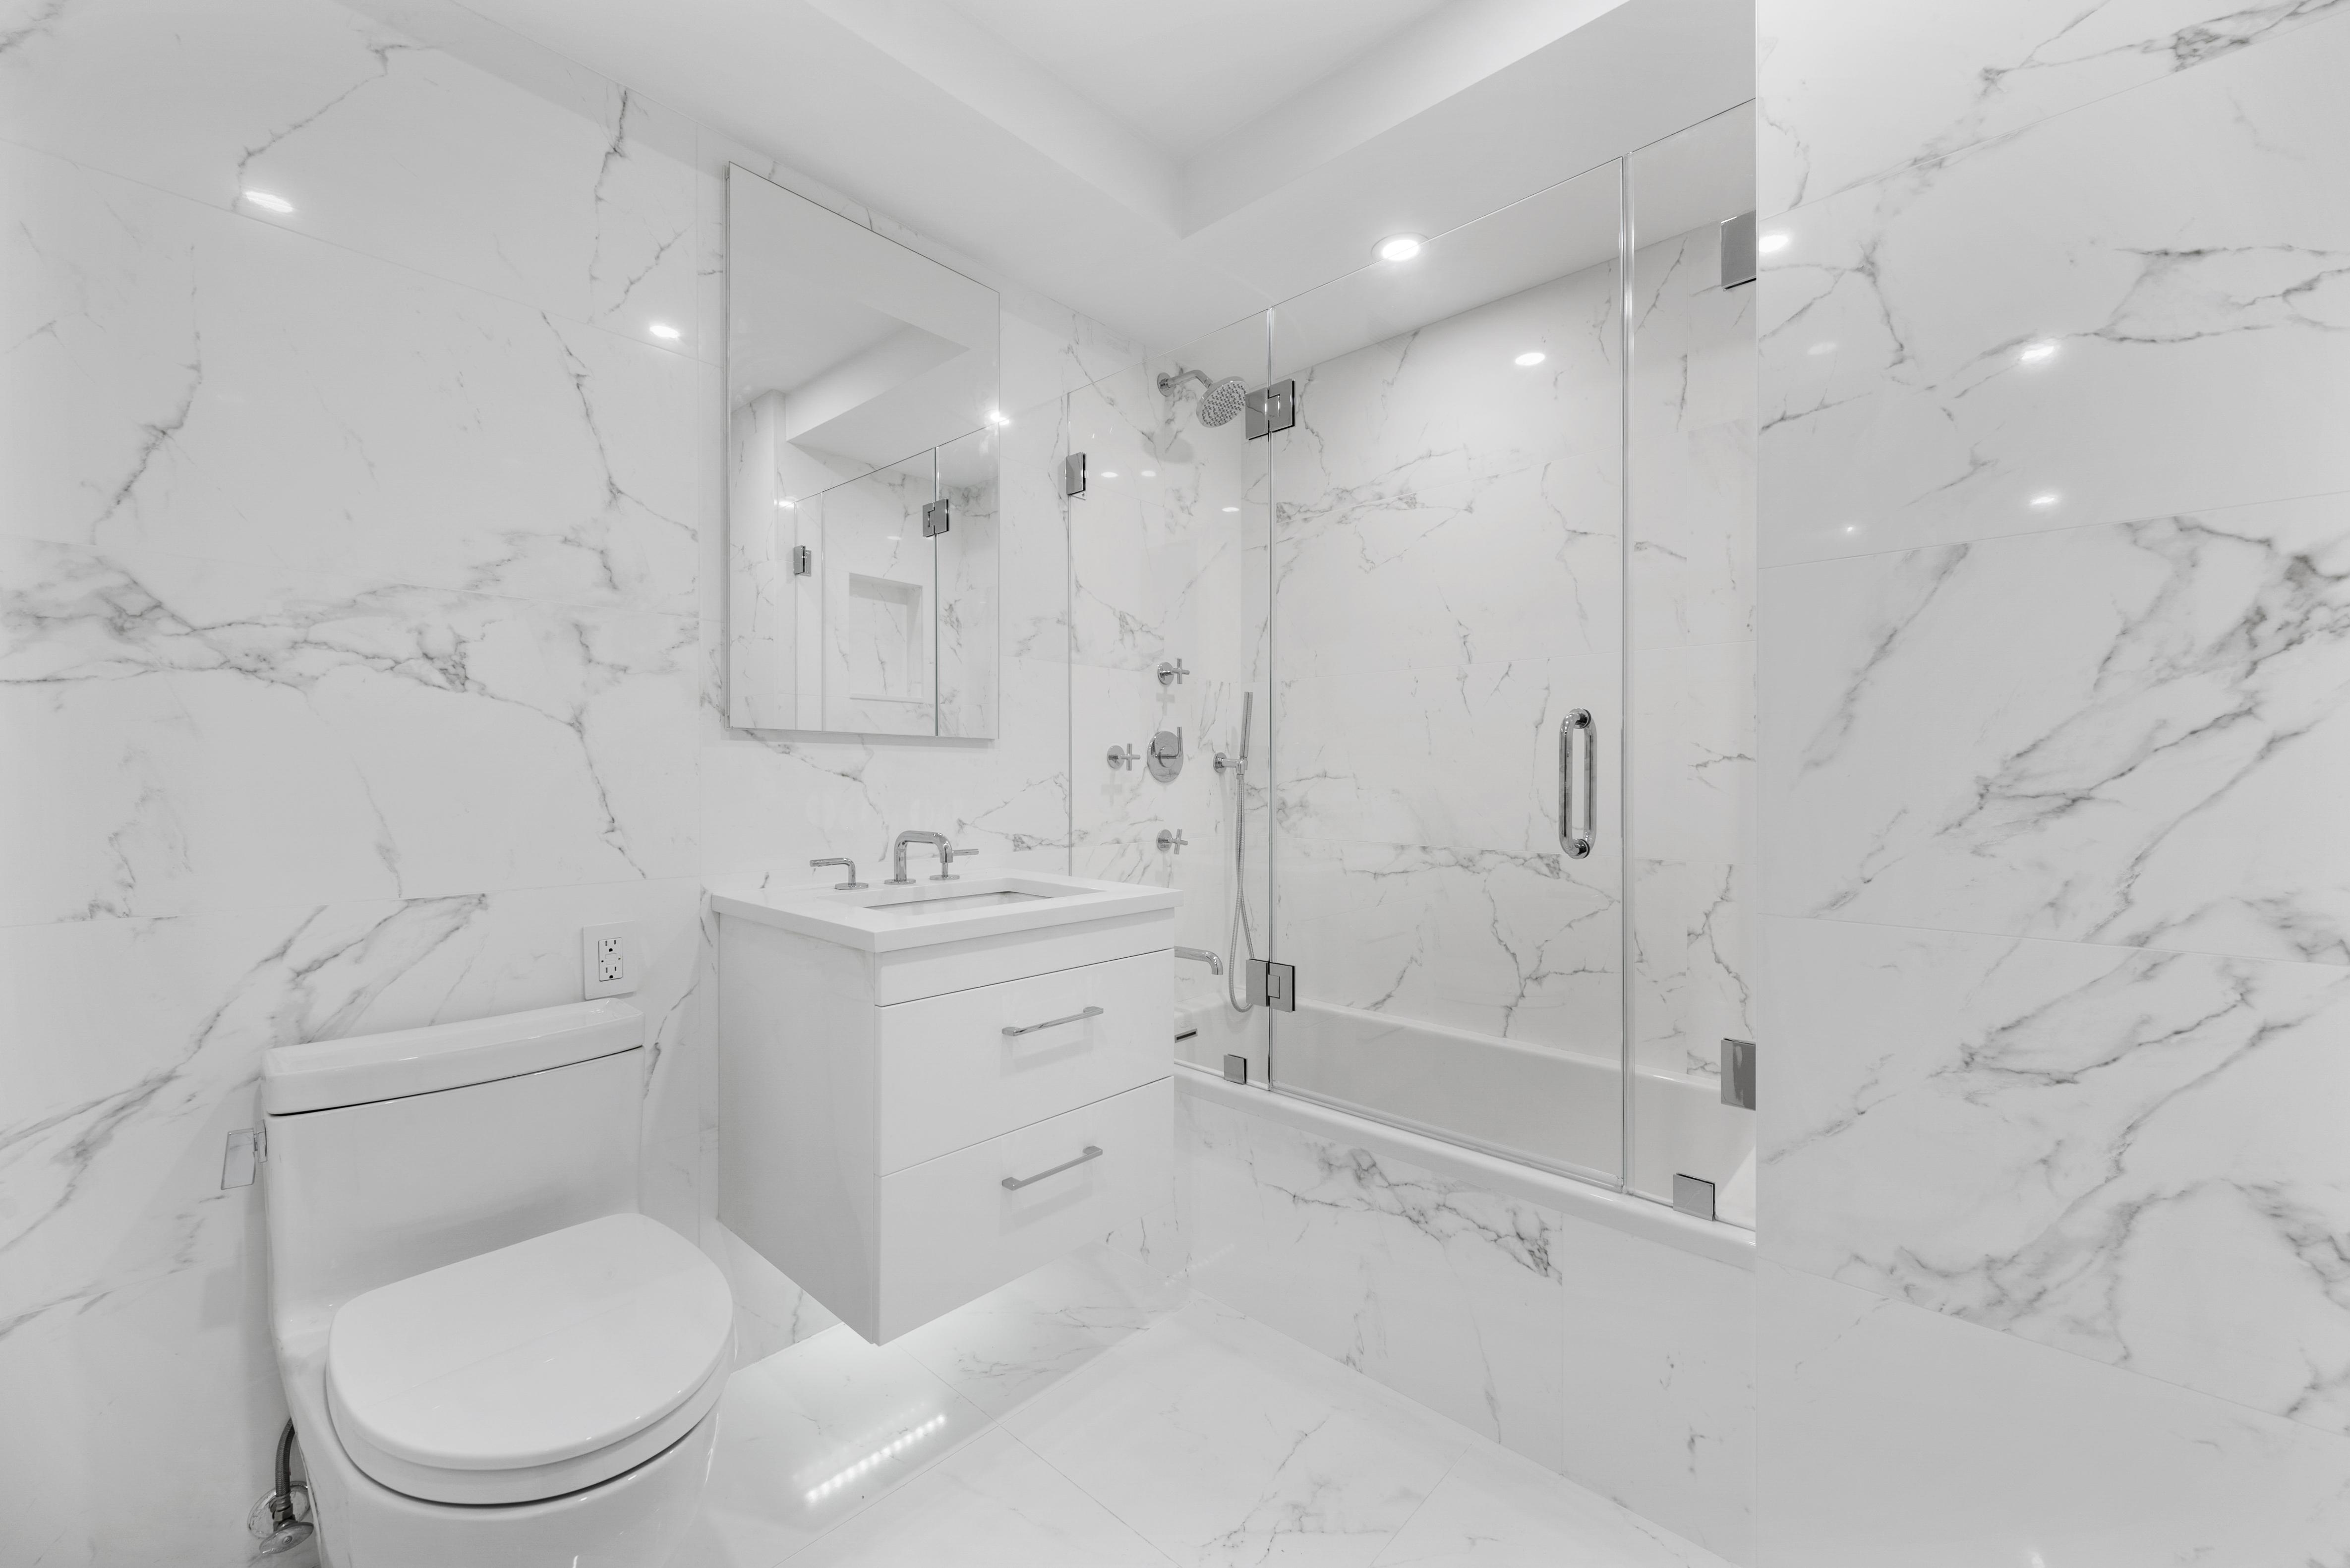 Master bathroom with Waterworks fixtures and in-floor heating